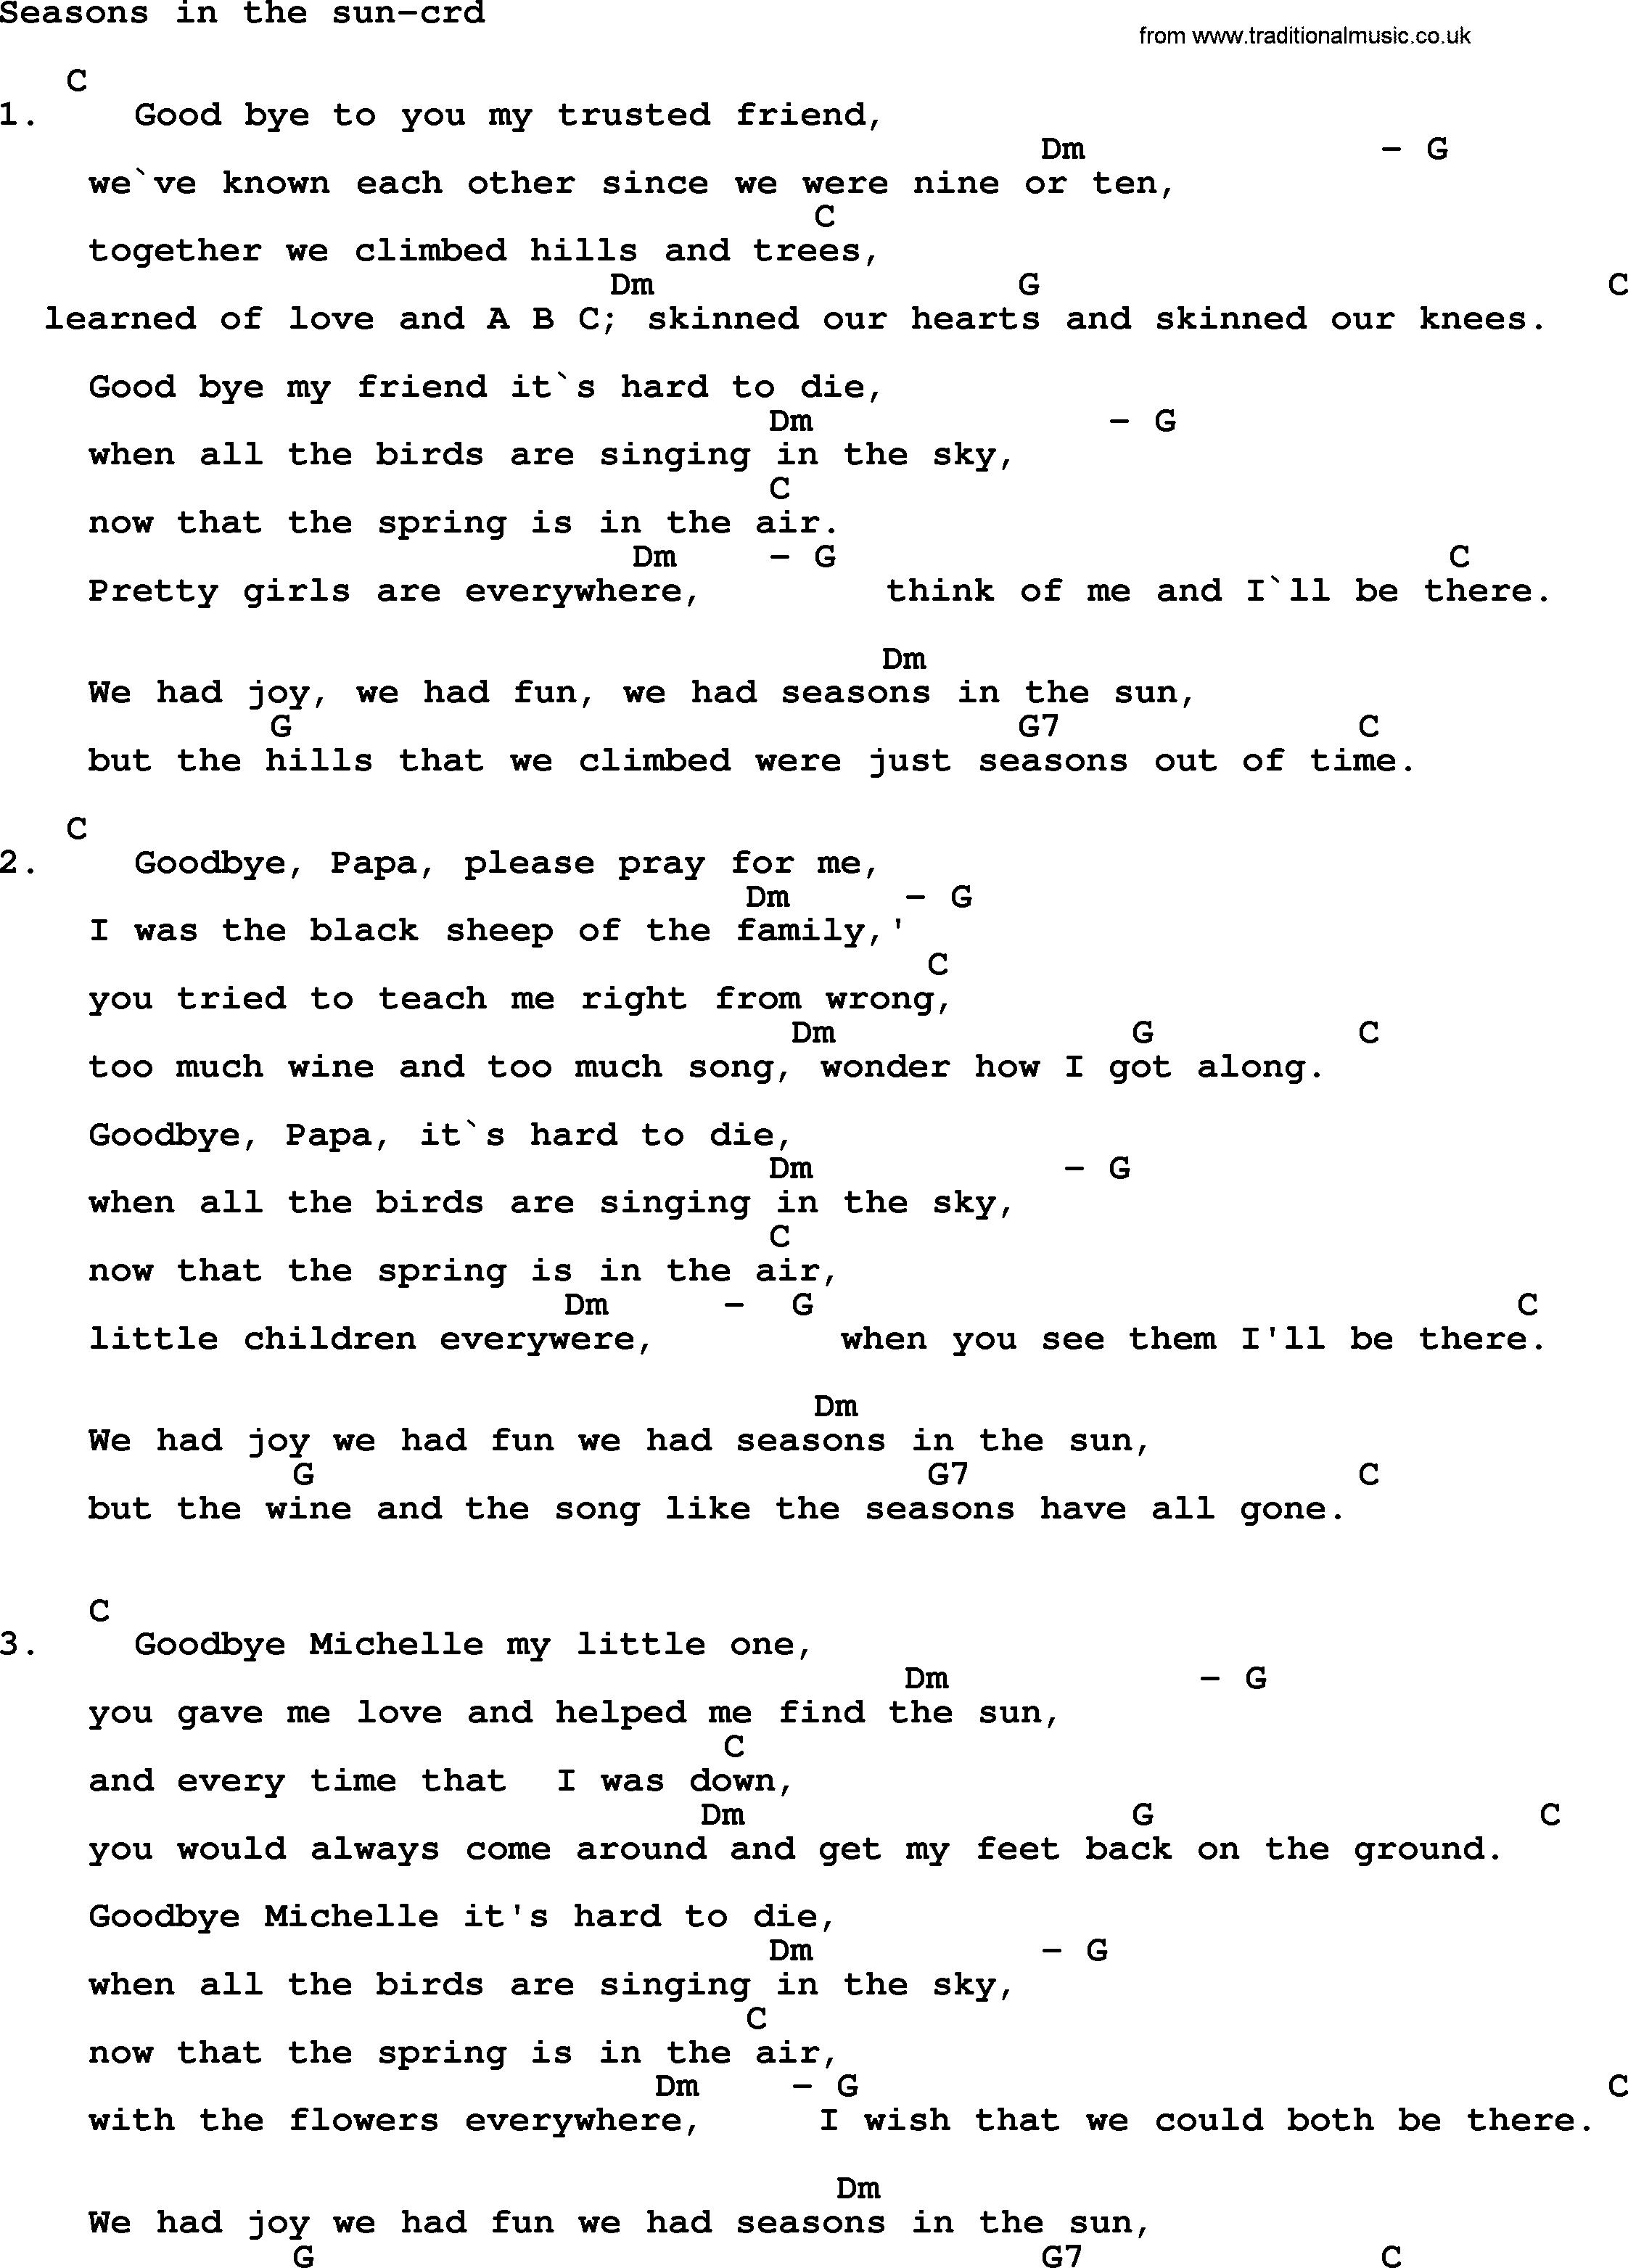 Lyrics containing the term: seasons